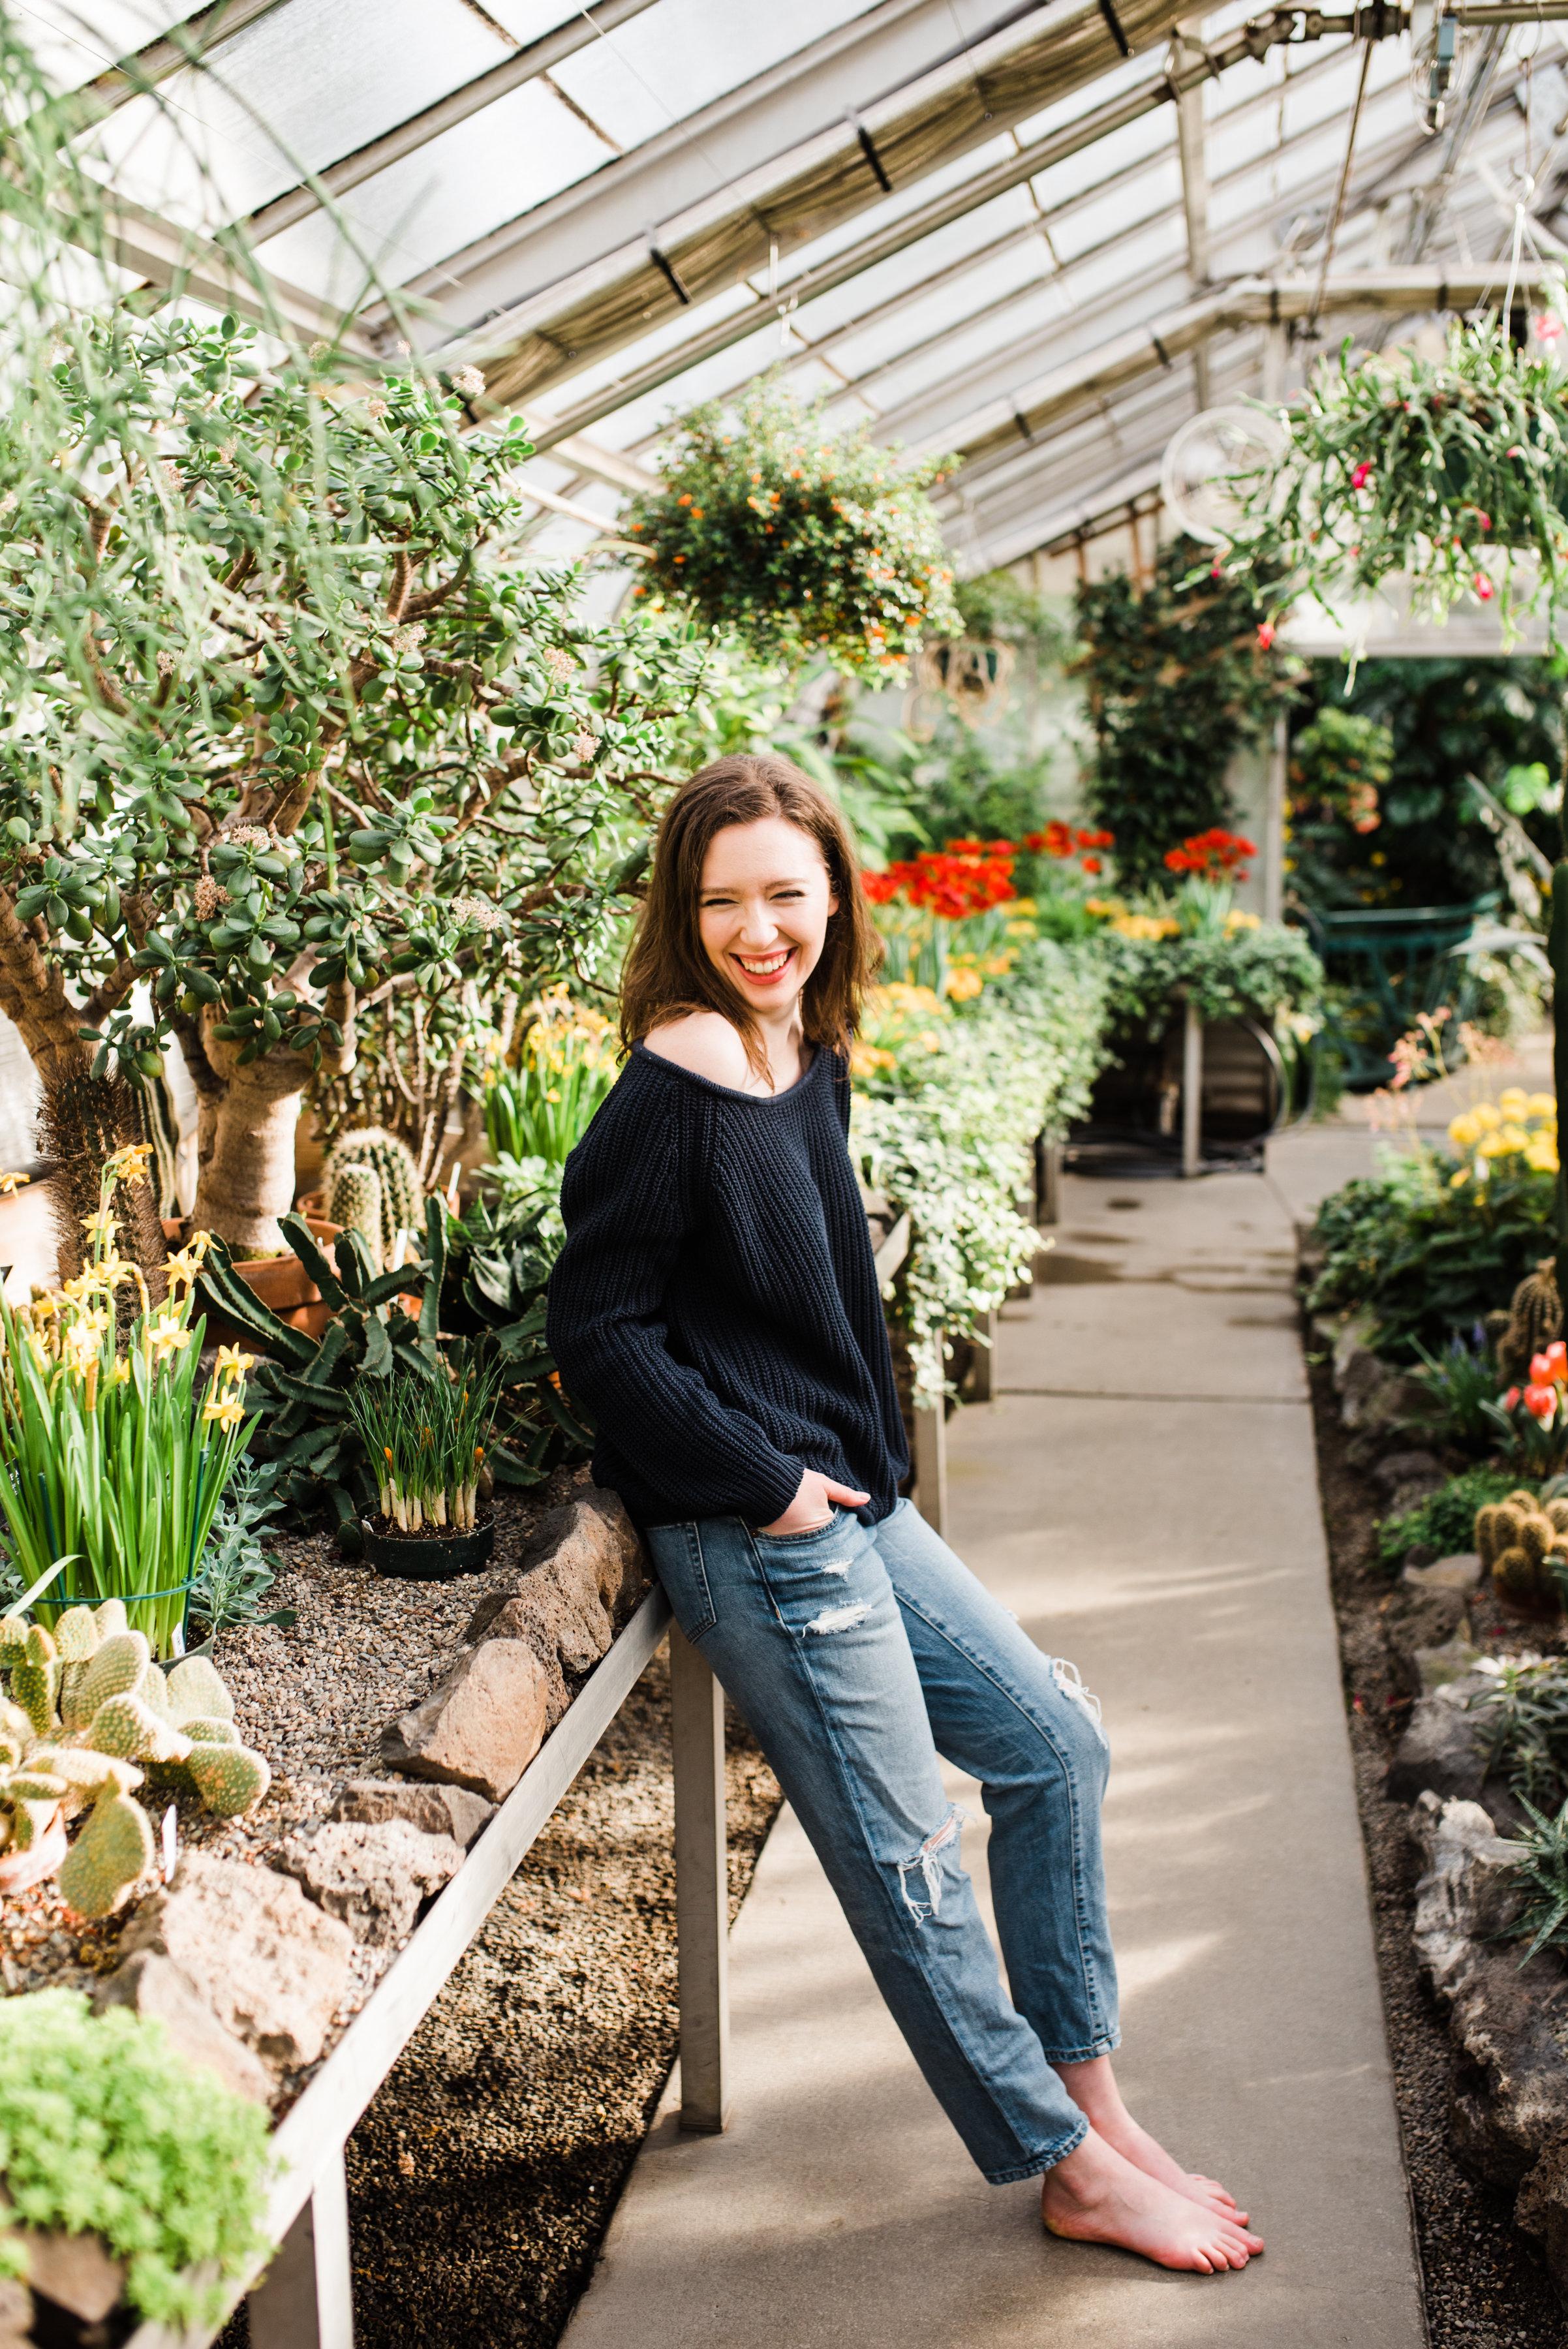 Nicole-Bridger-Sweater-Able-Boyfriend-Jeans-13.jpg